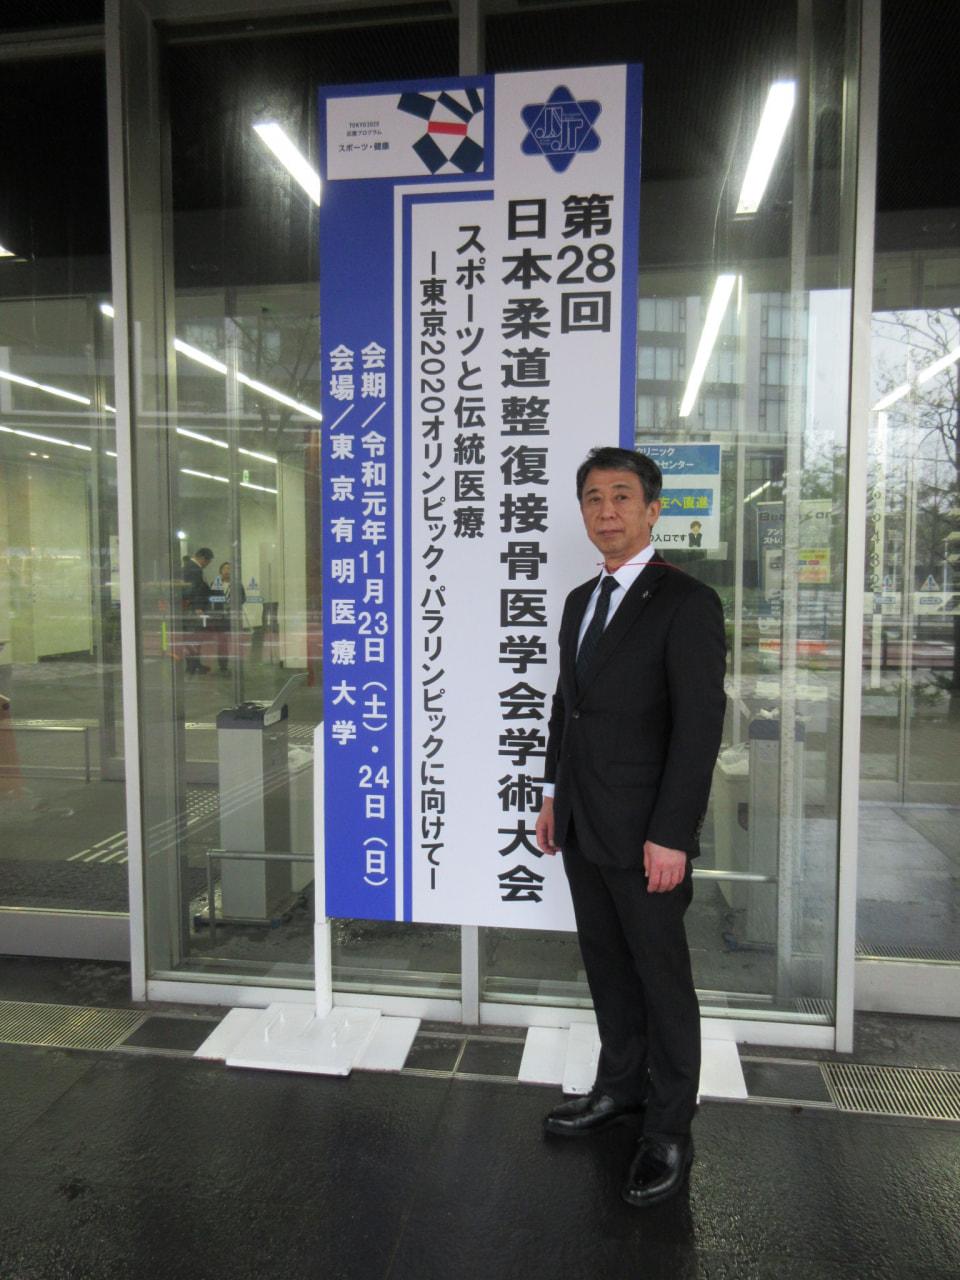 第28回 日本柔道整復接骨医学会学術大会